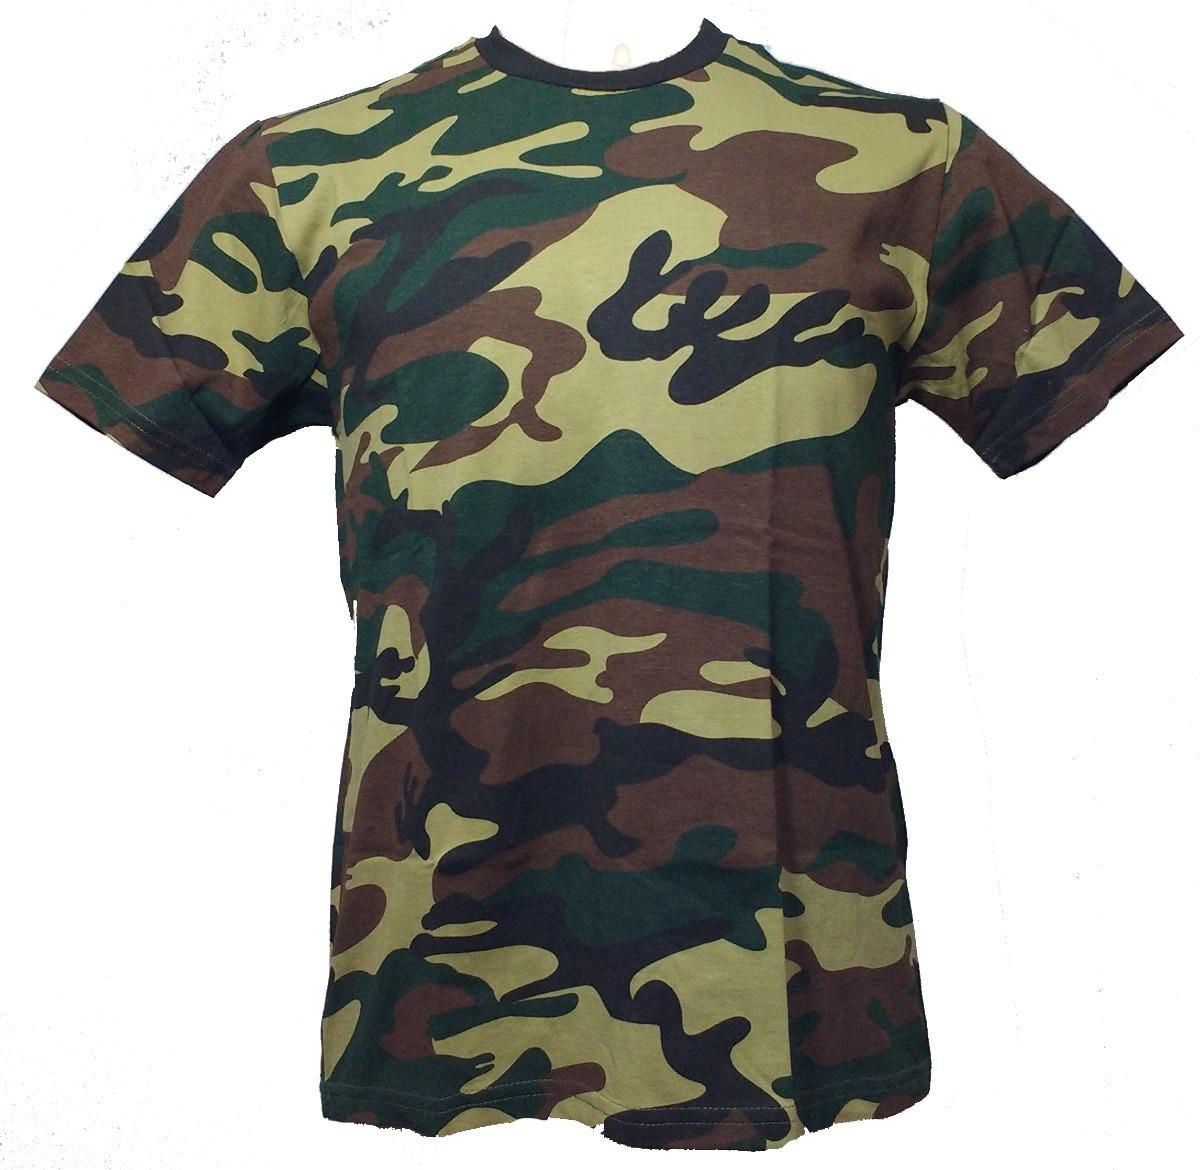 camisa camiseta camuflada verde básica exg ou exgg. Carregando zoom. cf529c8cf2b